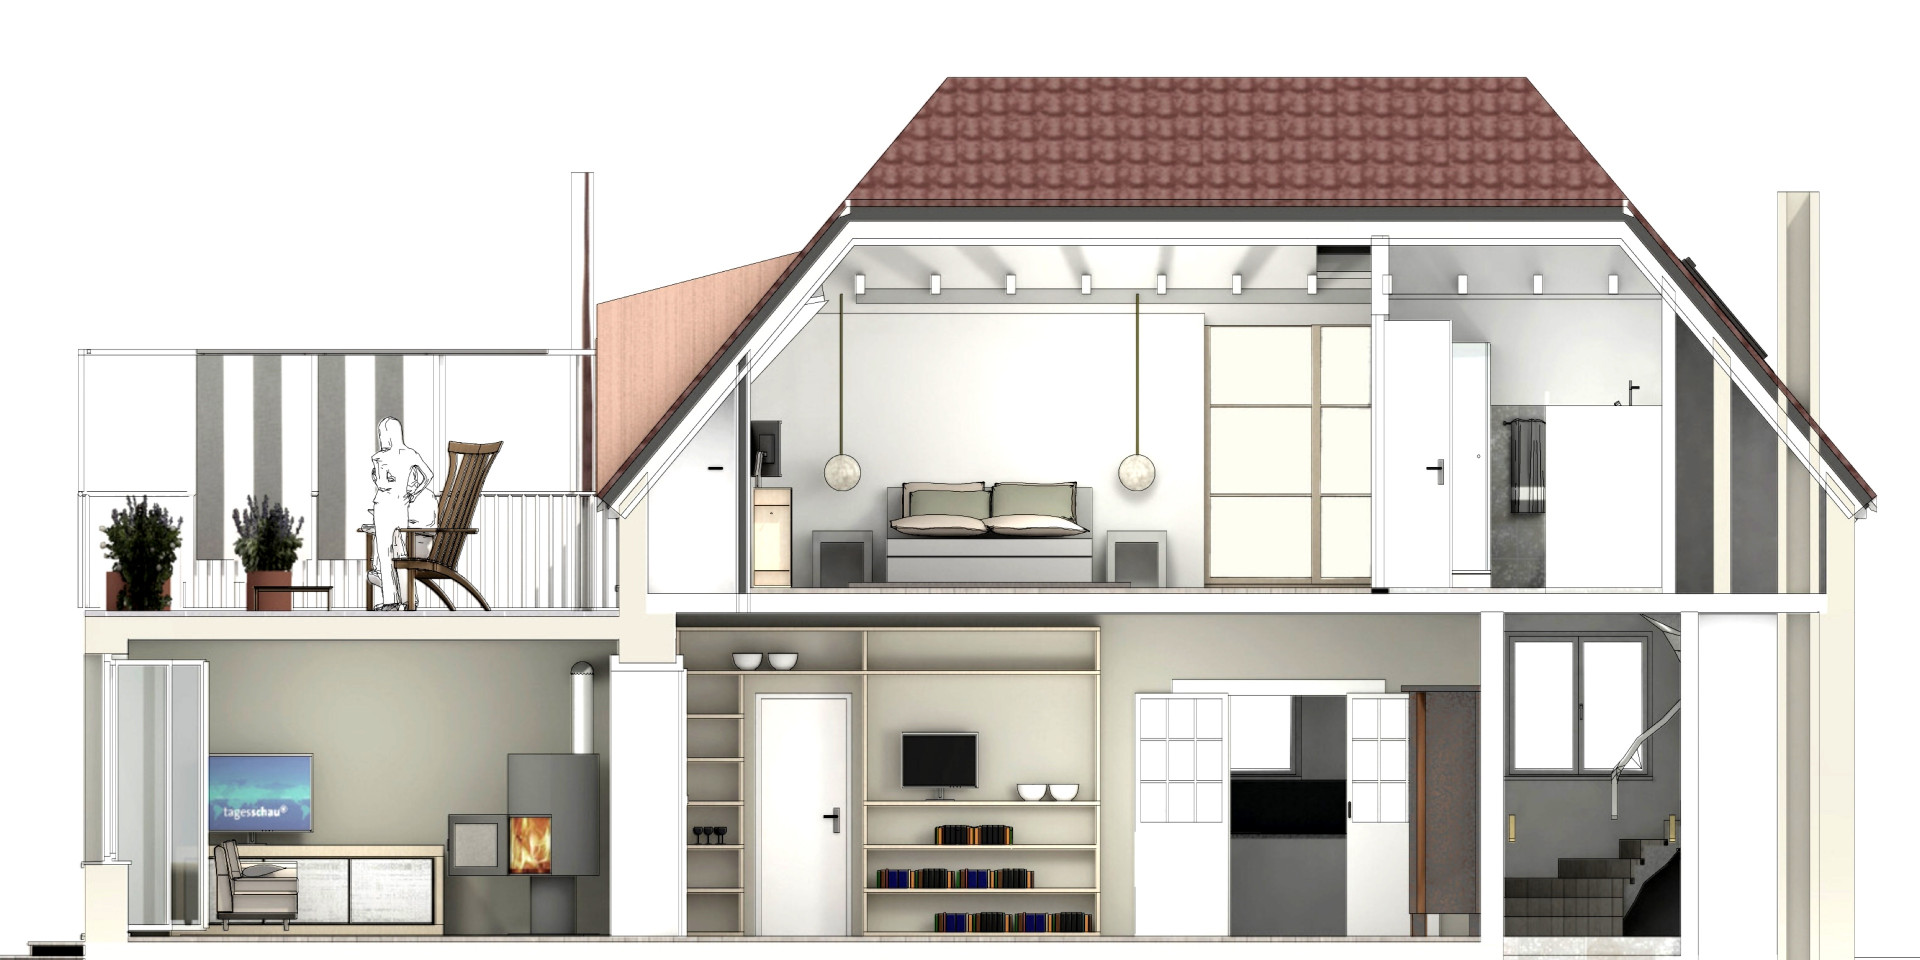 Felix-Dahn-Straße, Querschnittszeichnung des Hauses